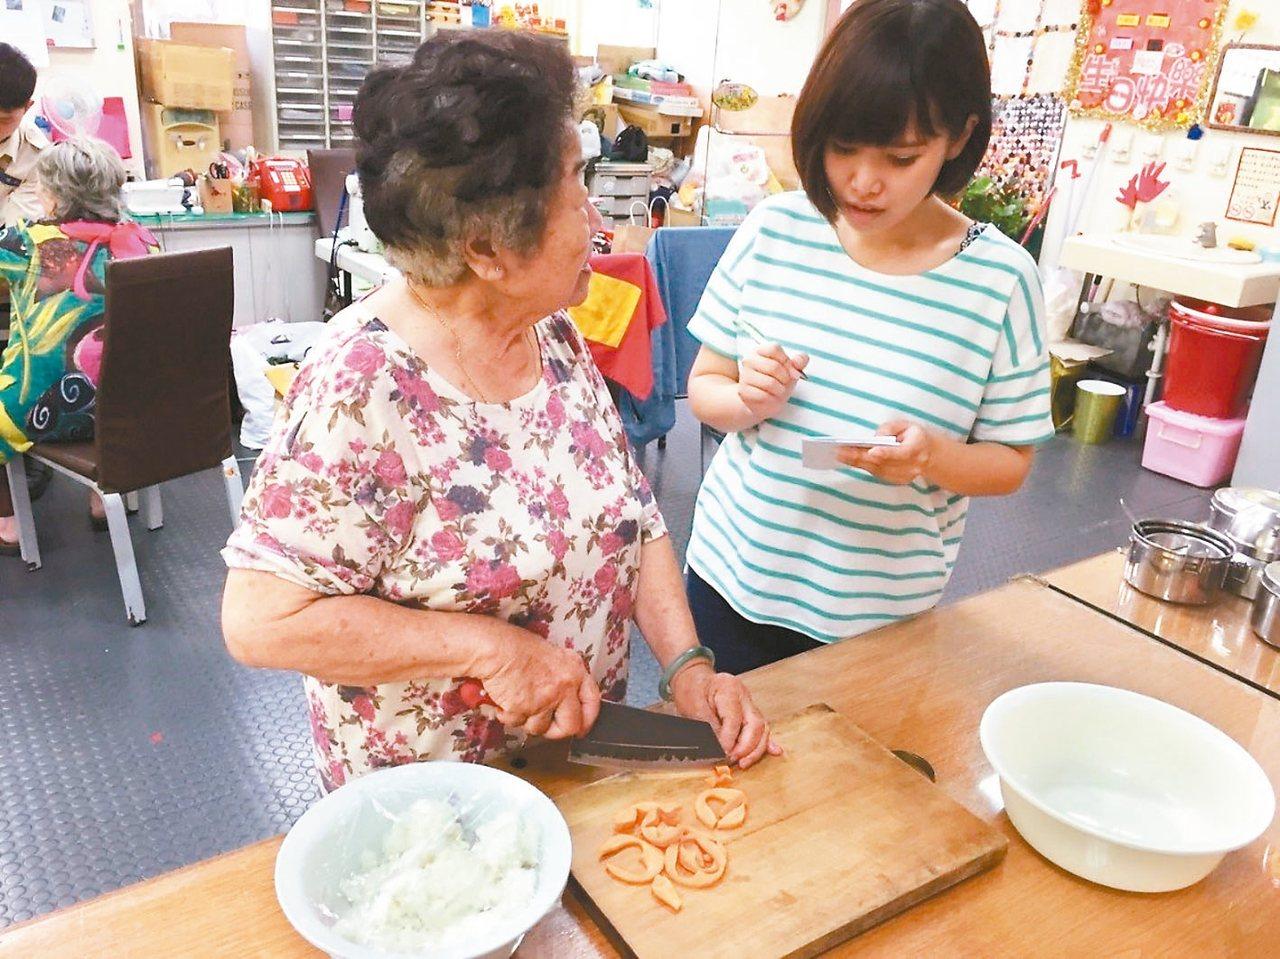 畢業於亞洲大學的蕭惇芳(右)在學期間參與青年暑期社區工讀計畫,到嘉義基督教醫院設...